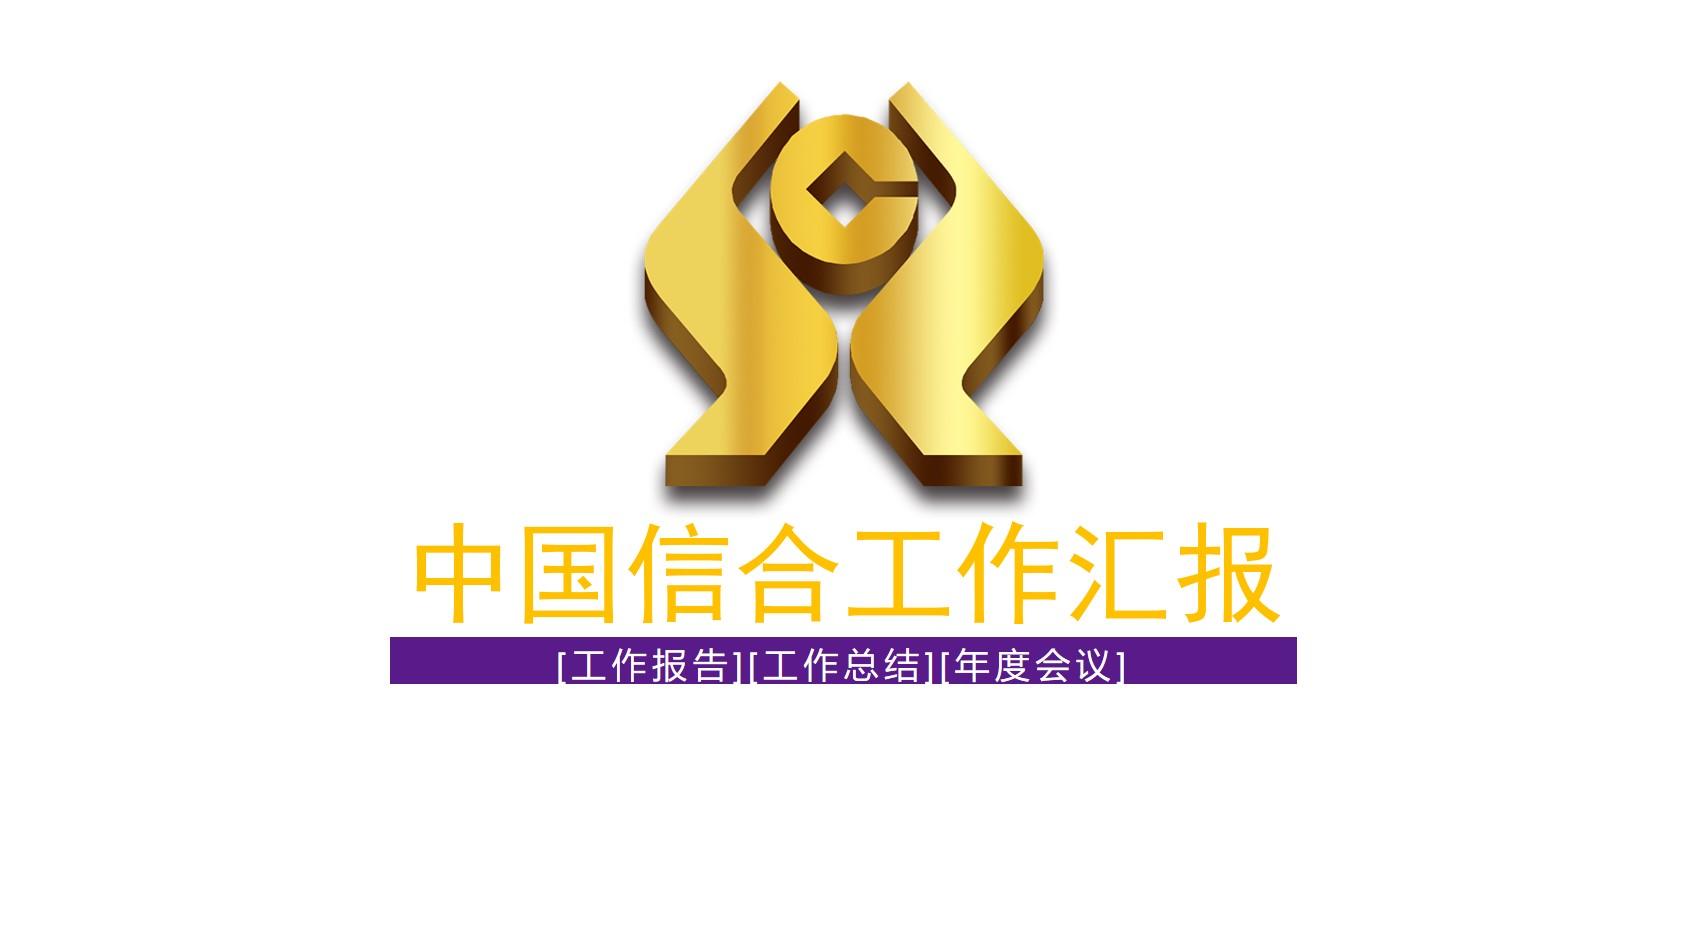 土豪金农村信合标志背景的银行幻灯片模板